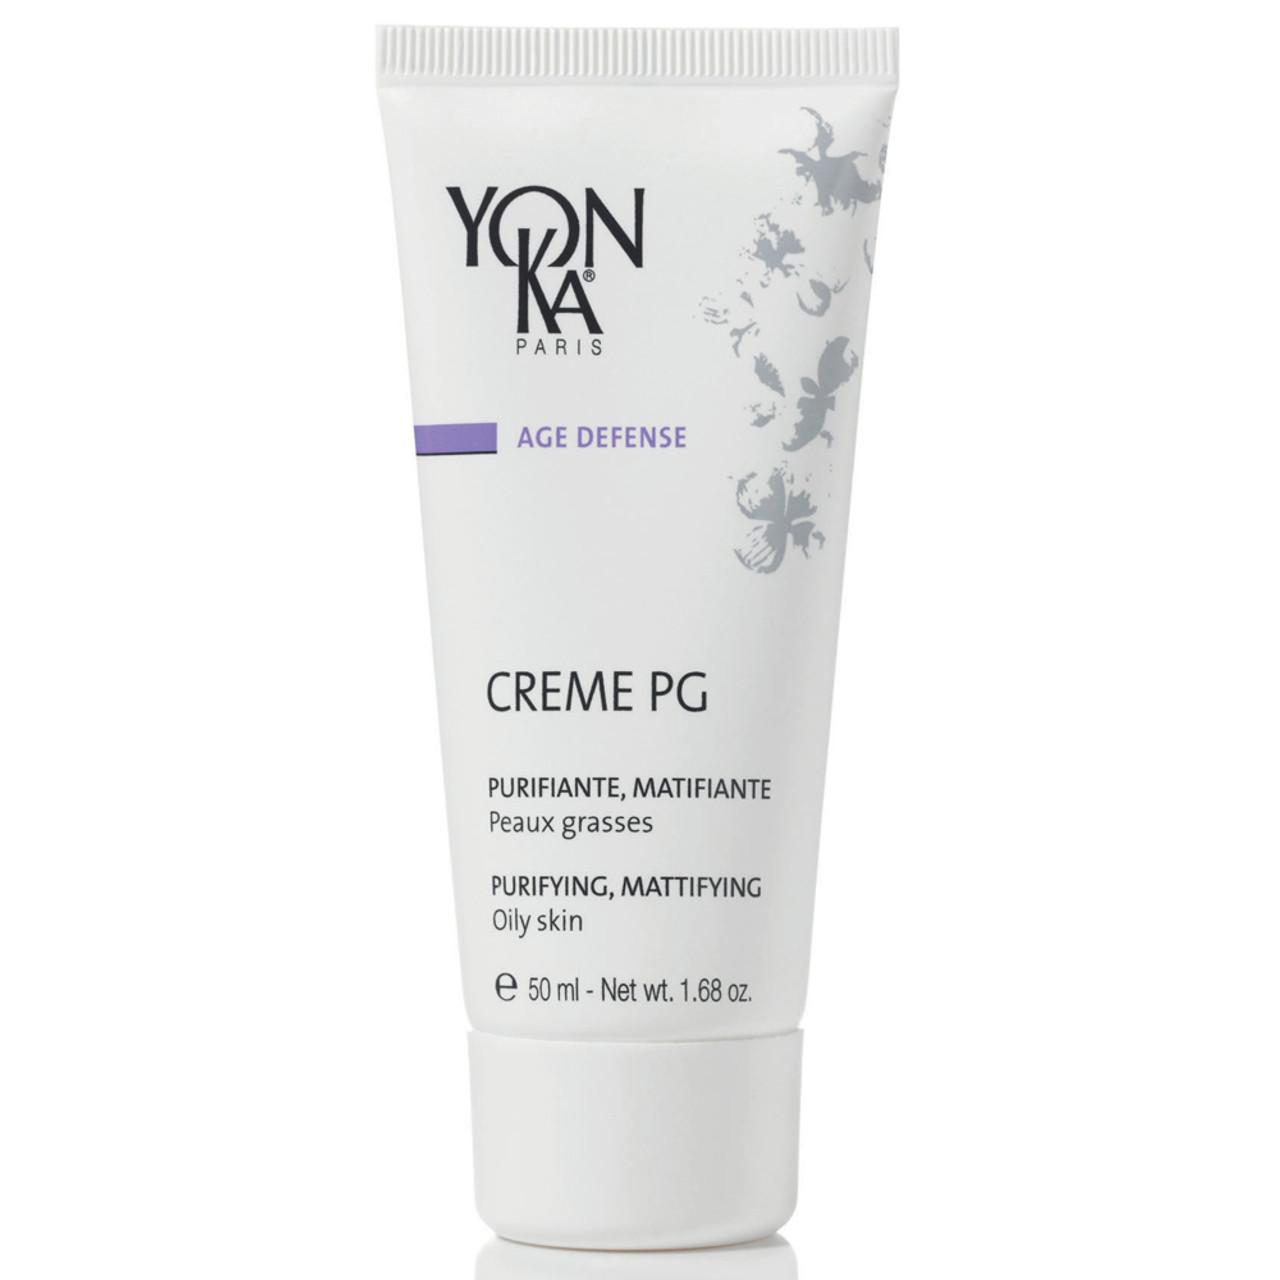 YonKa Creme PG - Oily Skin